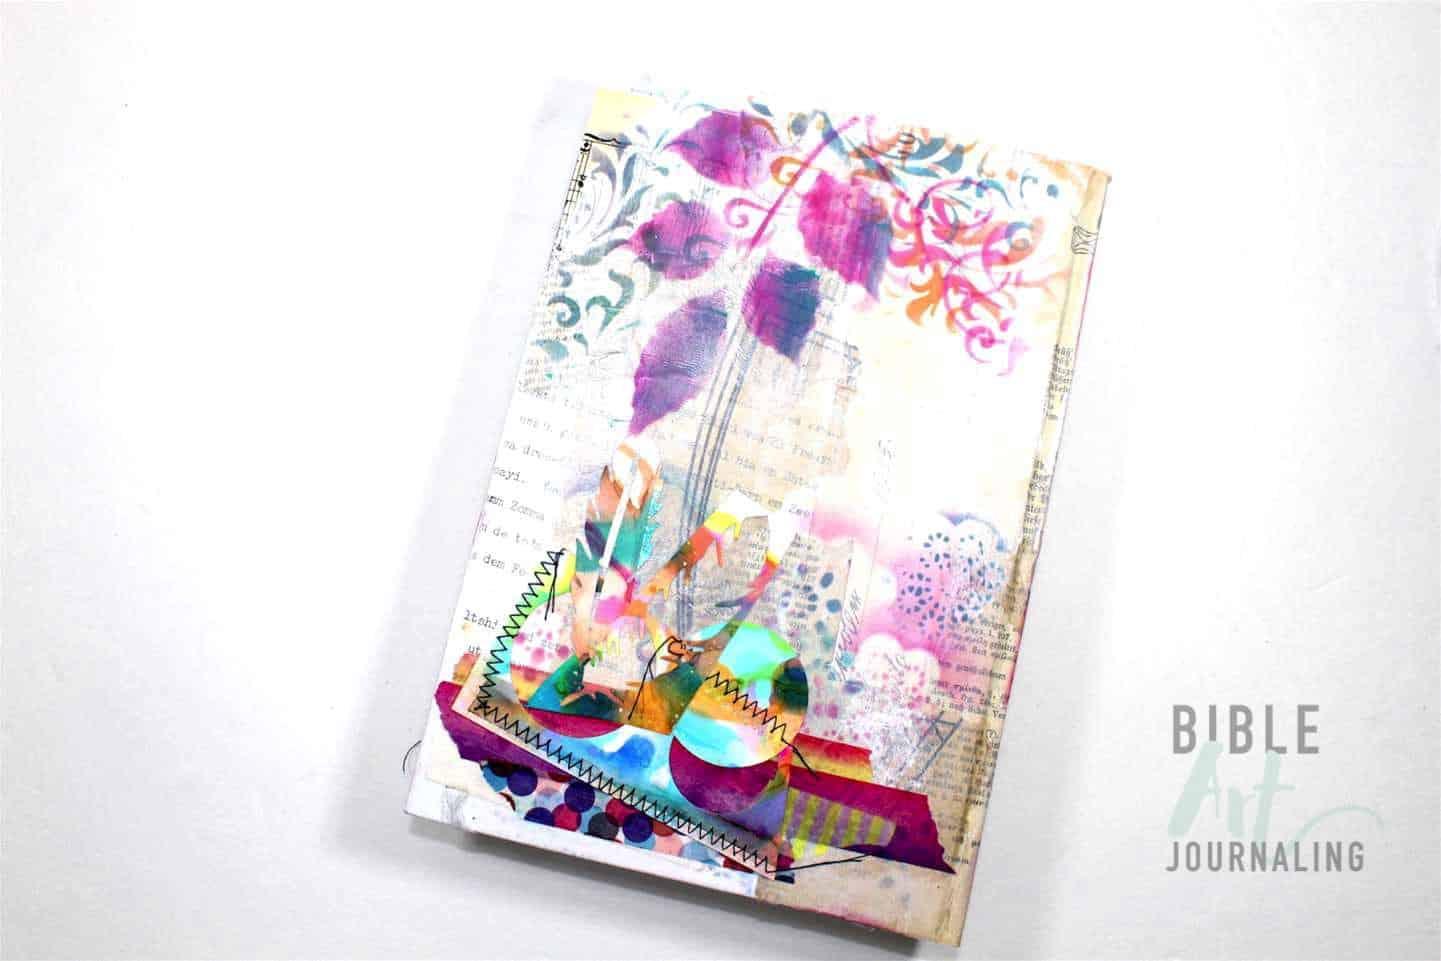 ideen f r deinen bibeleinband bible art journaling. Black Bedroom Furniture Sets. Home Design Ideas